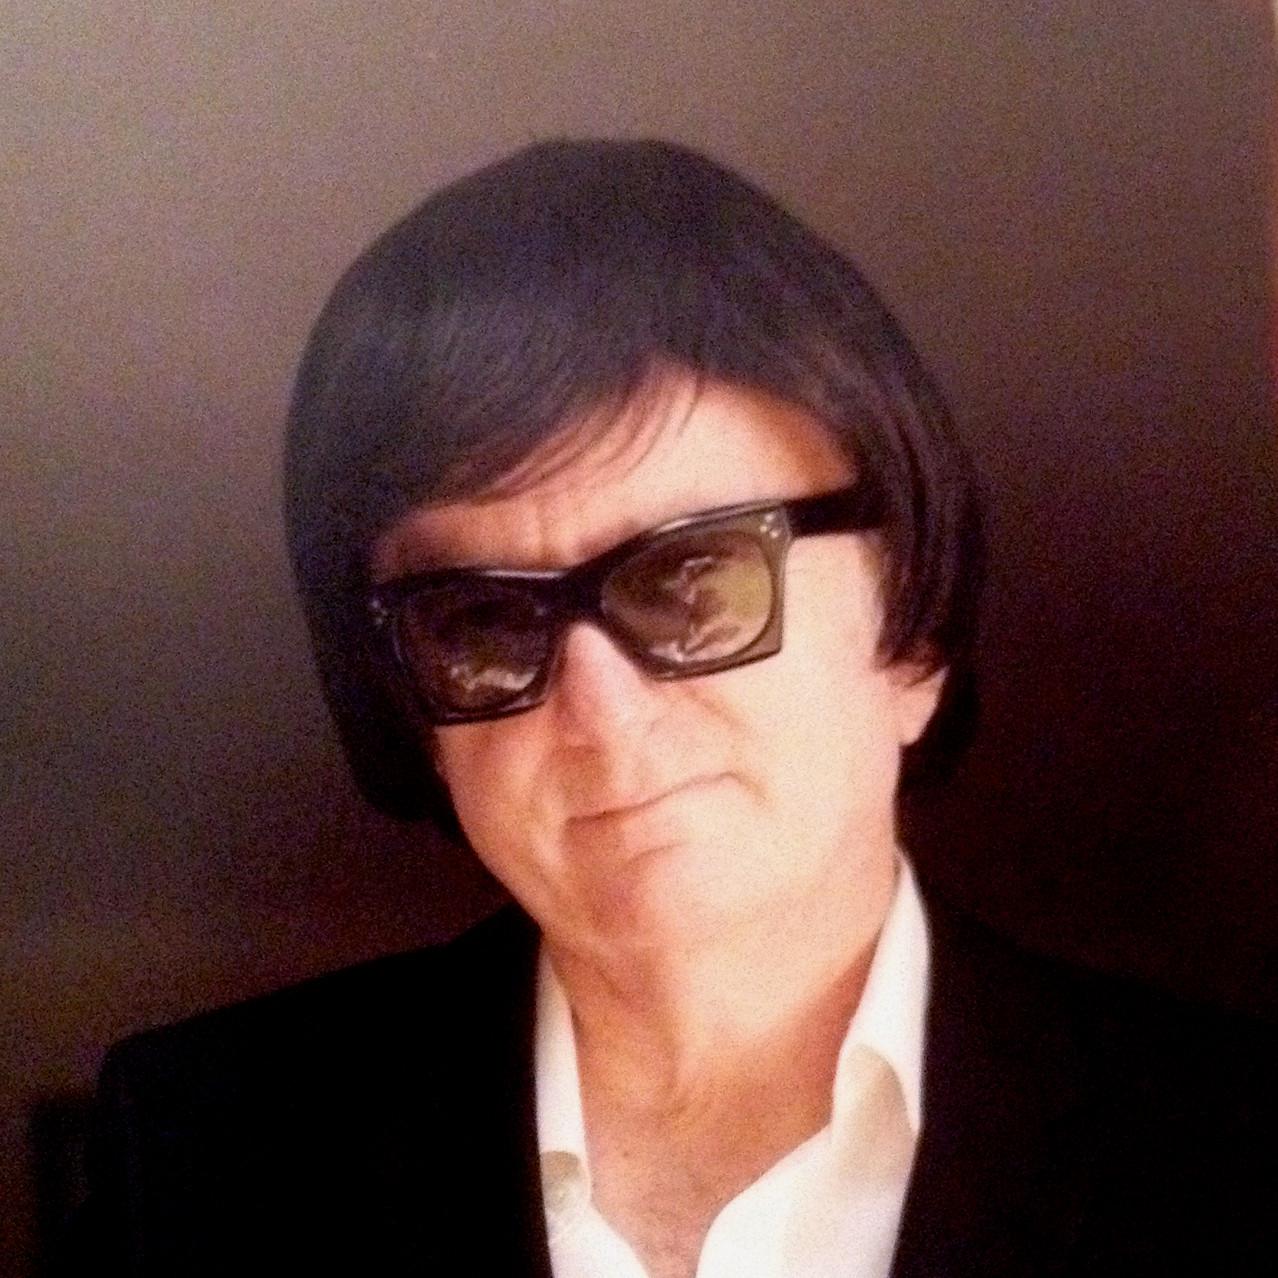 Roy Orbison Tribute